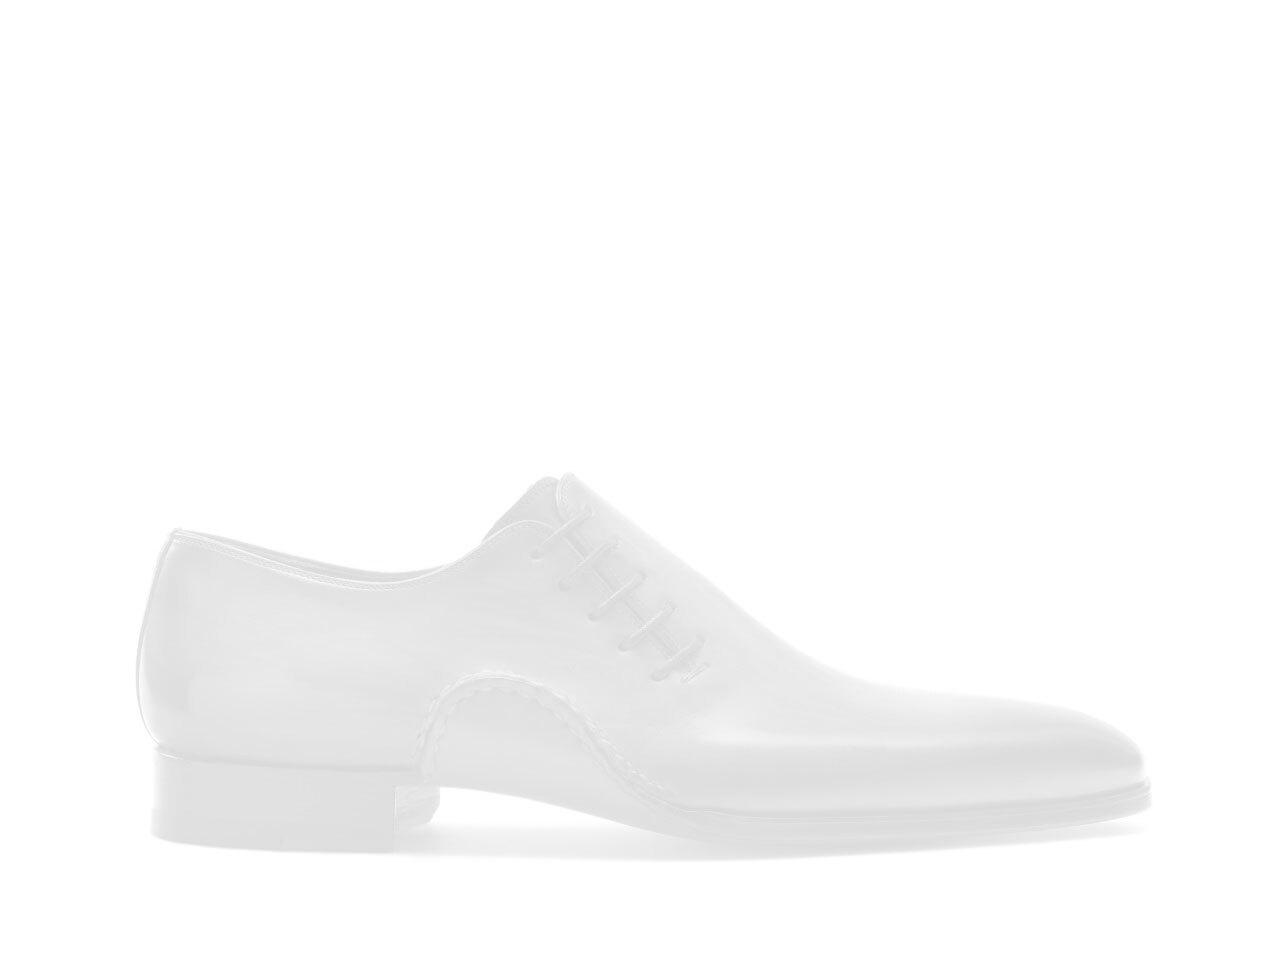 Pair of the Magnanni Leiva Cognac Men's Sneakers